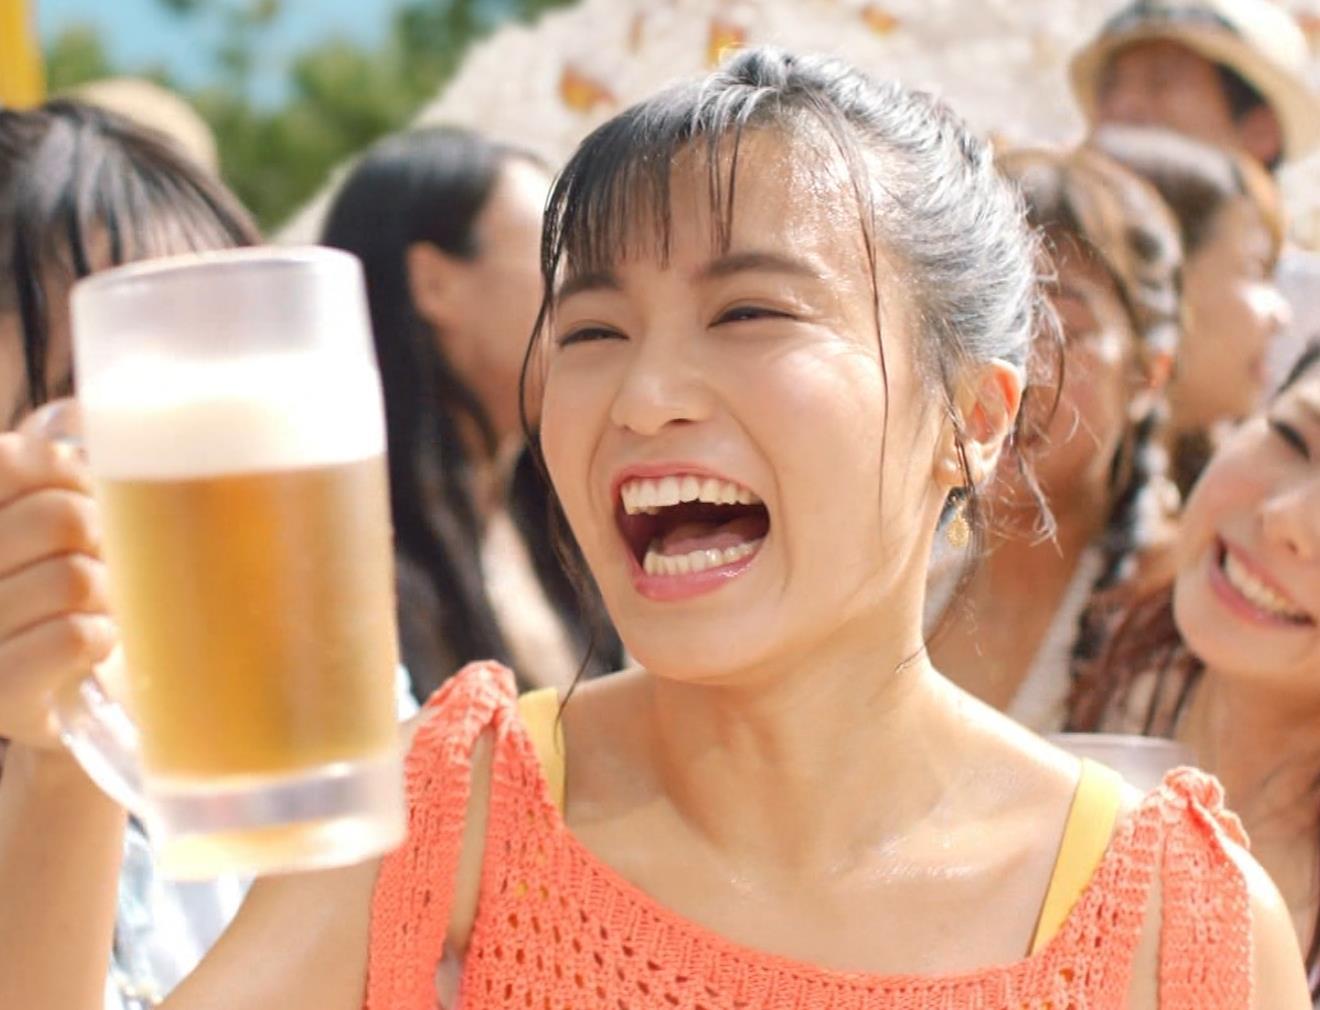 小島瑠璃子 ワキ見せエロCMキャプ・エロ画像13